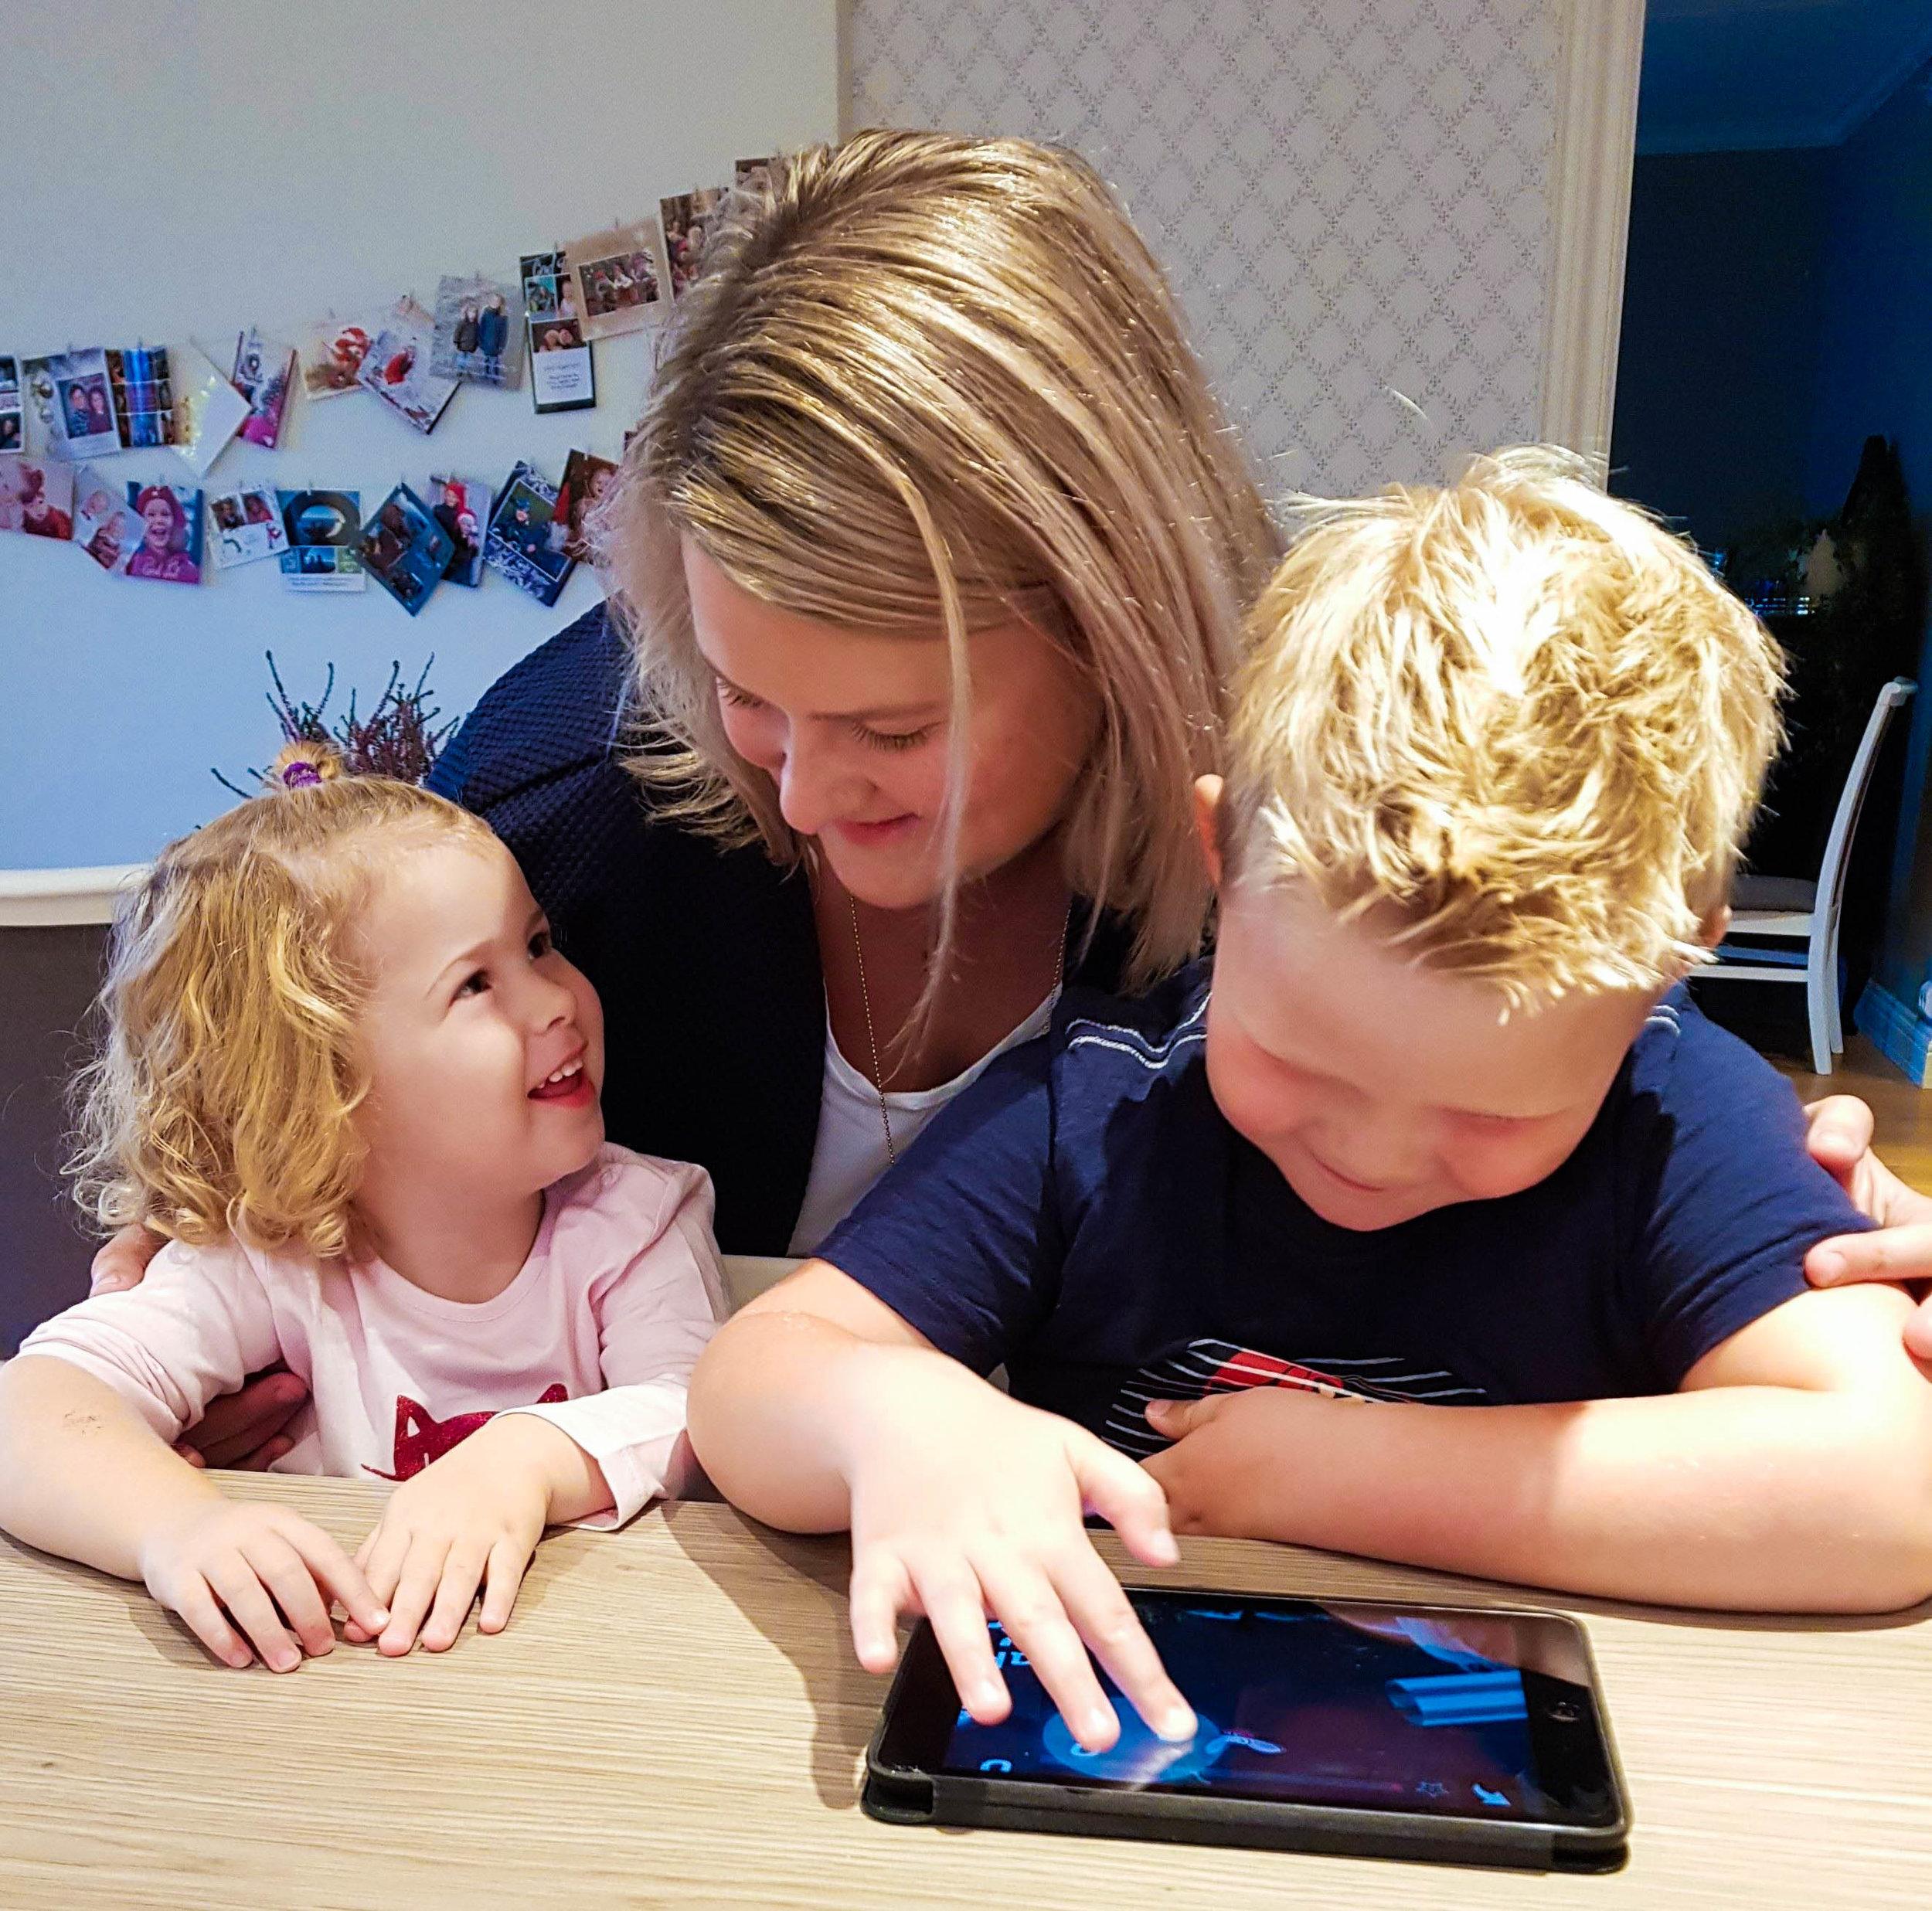 Ofte spiller også Hege, Oscar og lillesøster lesespillet Poio sammen. Foto: Privat.